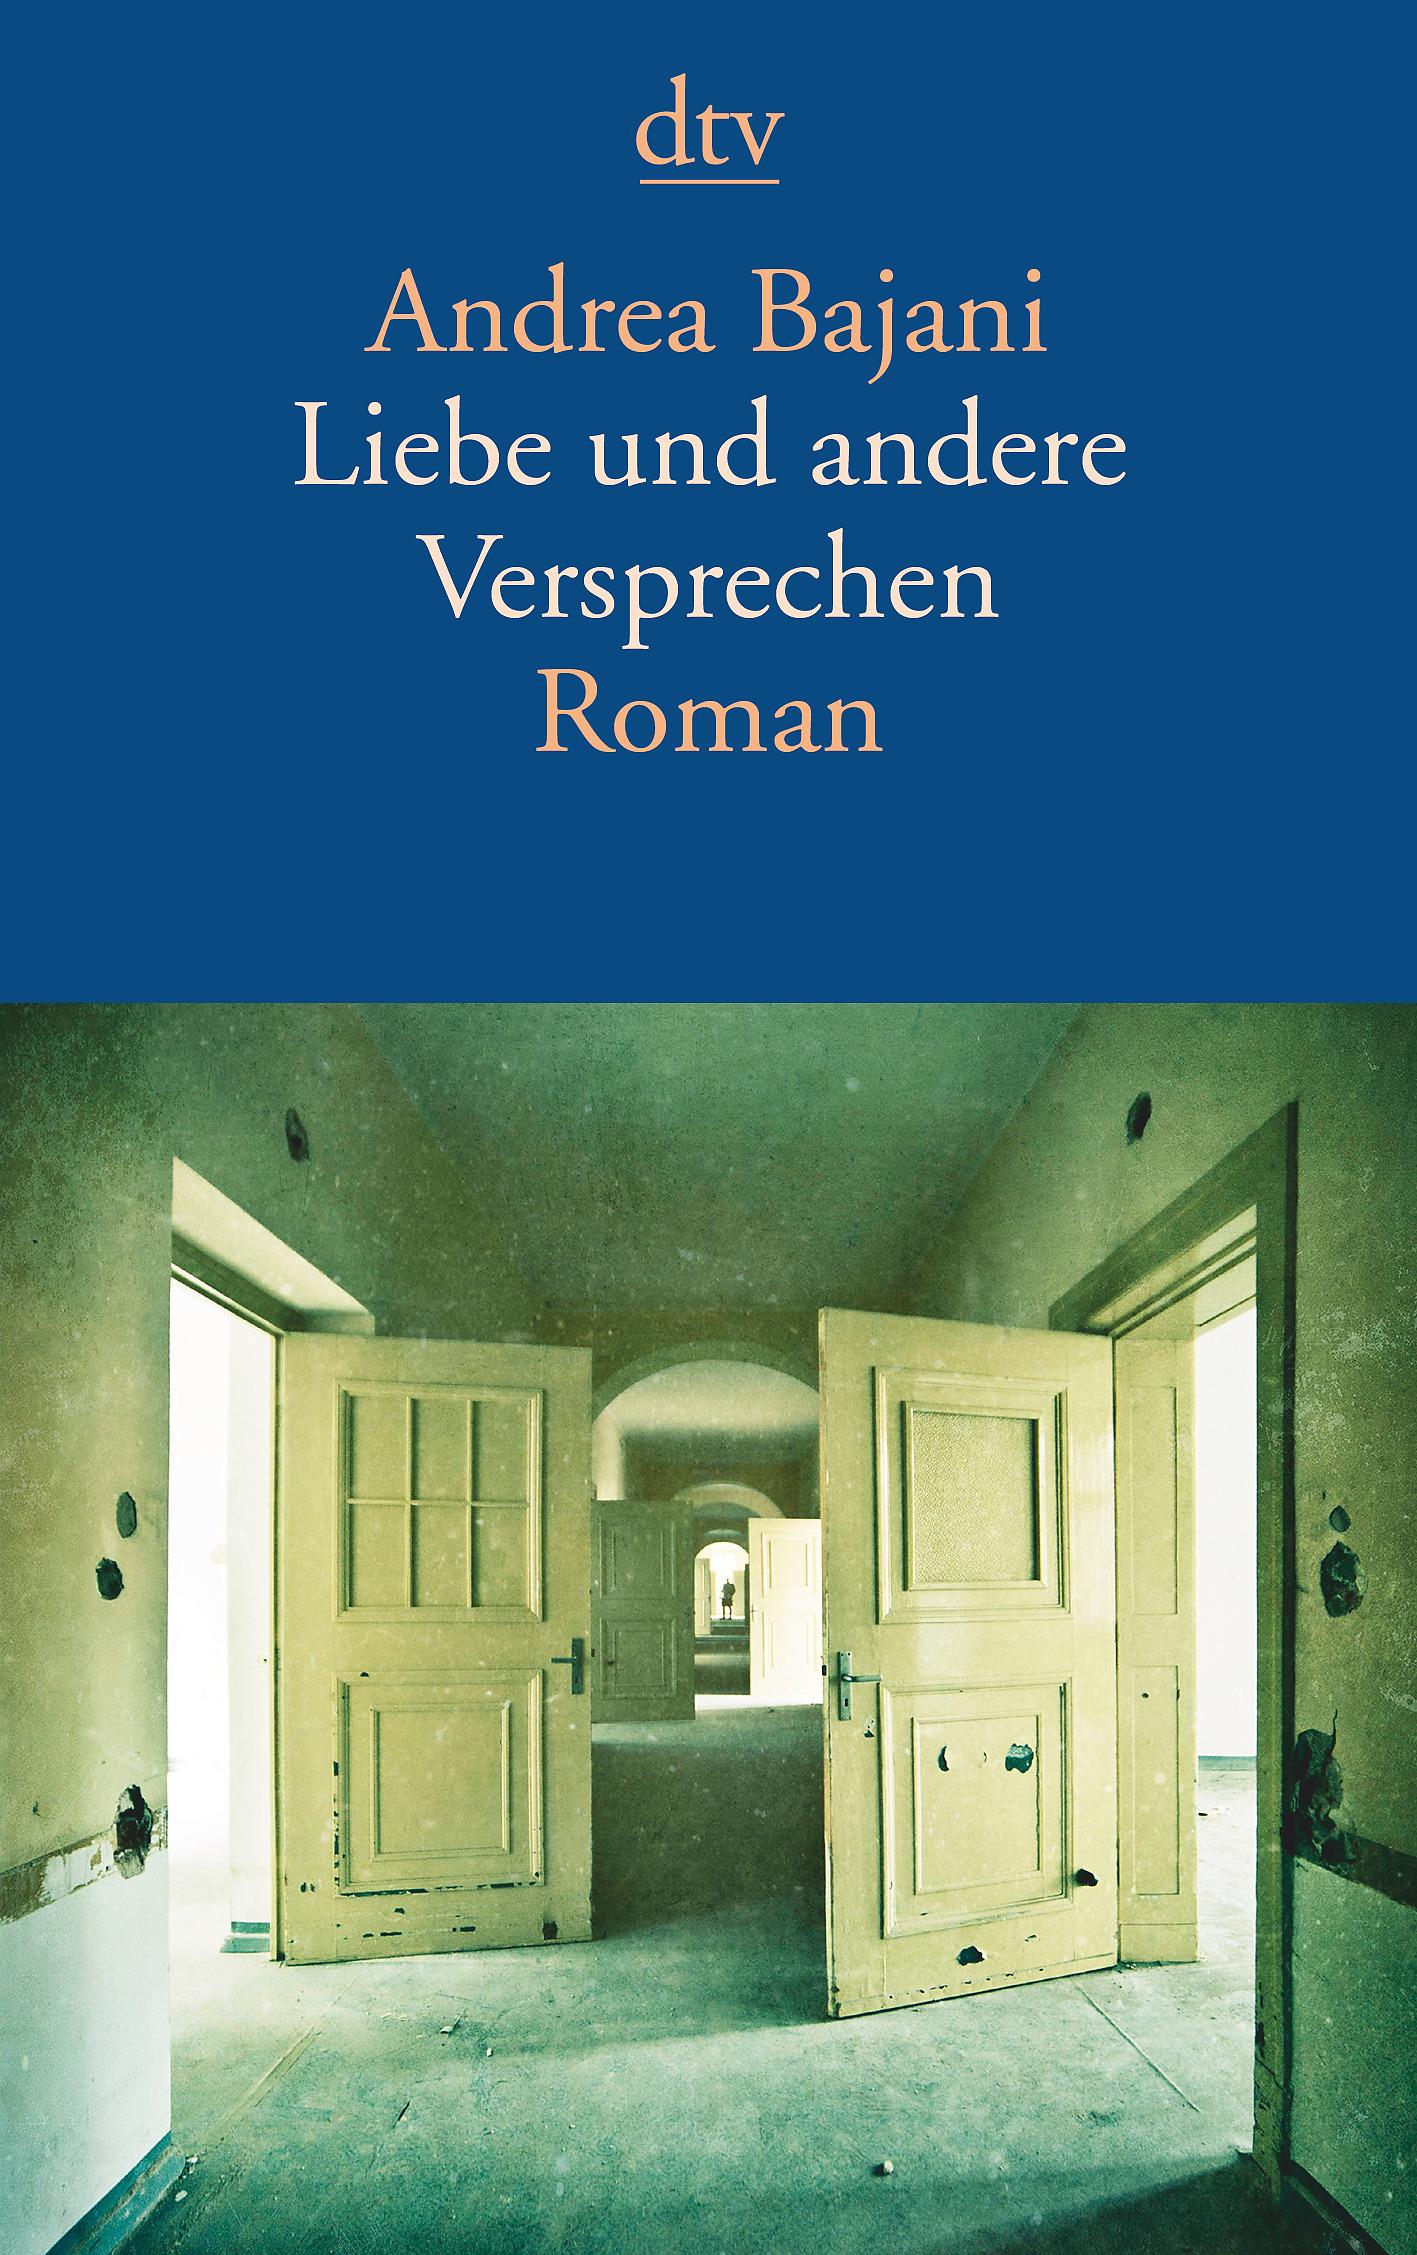 NEU Liebe und andere Versprechen Andrea Bajani 142953